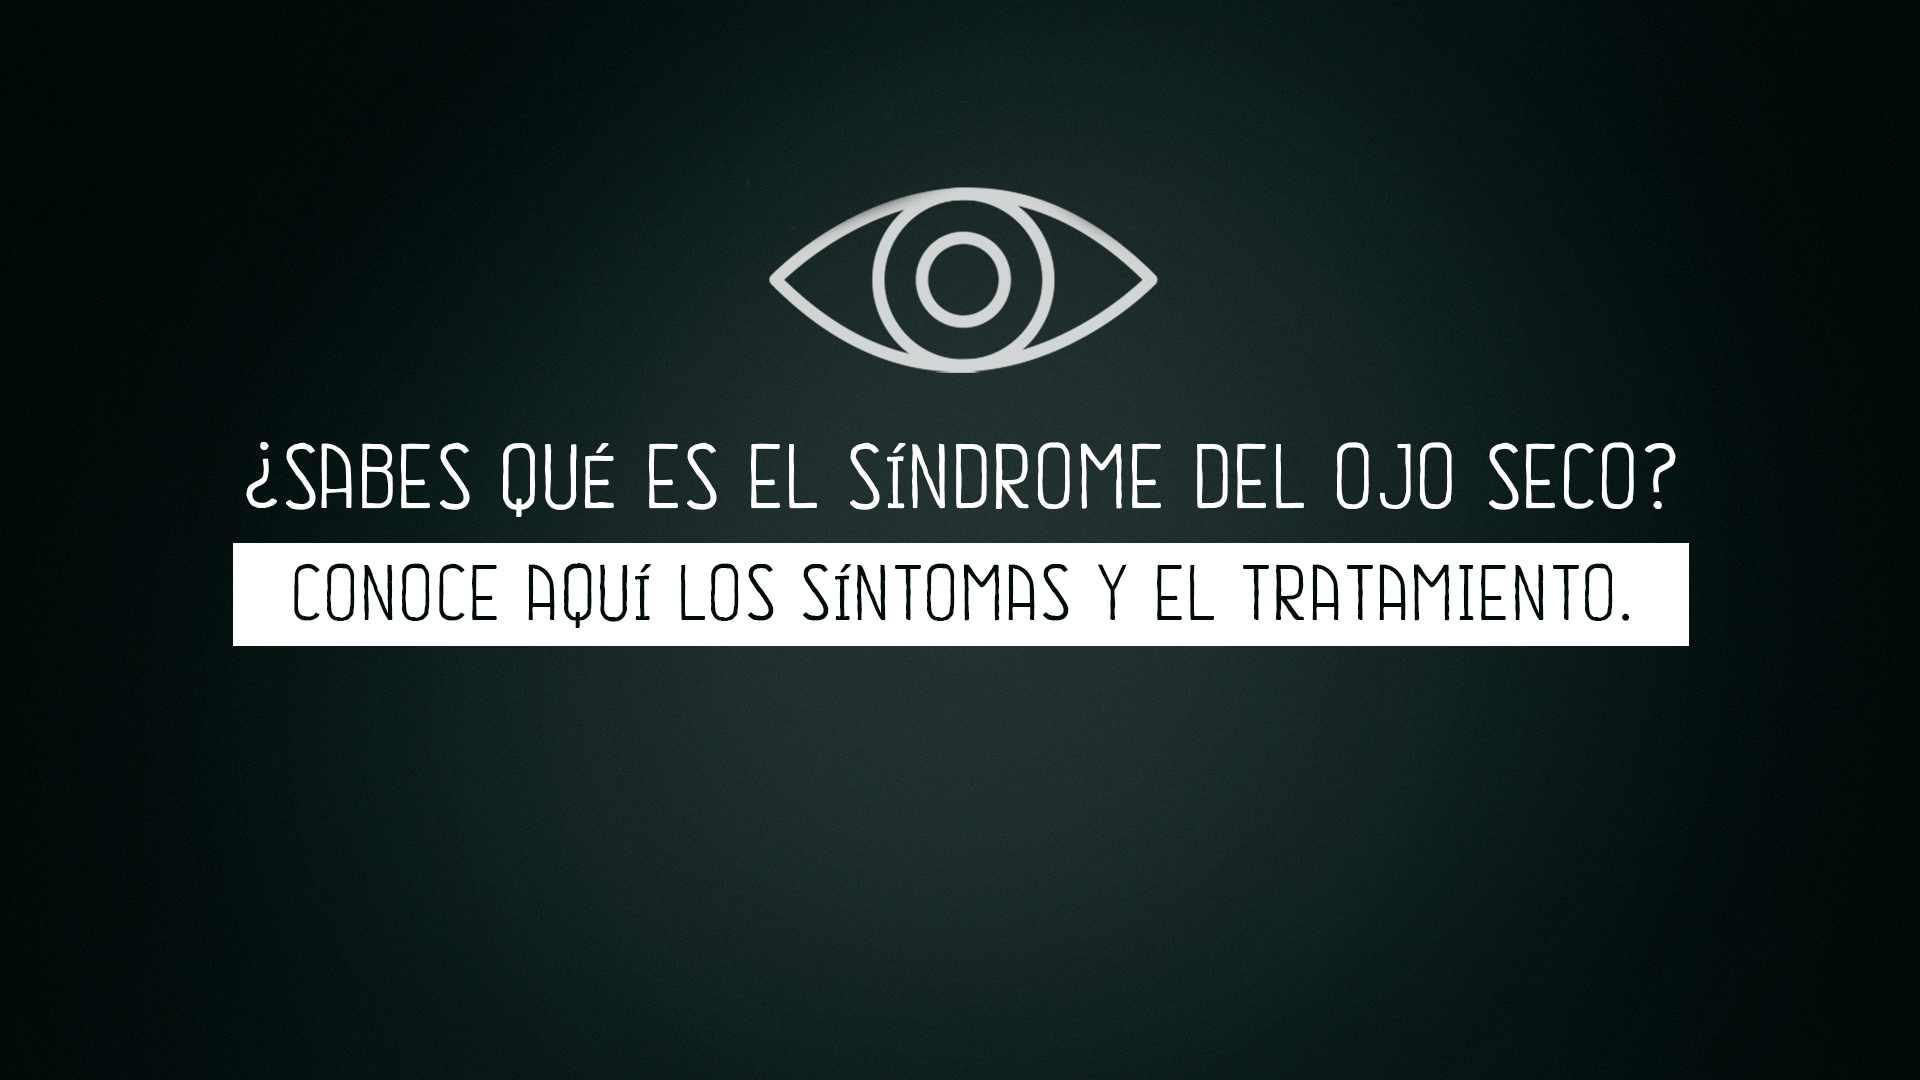 Sabes que es el sindrome de ojo seco